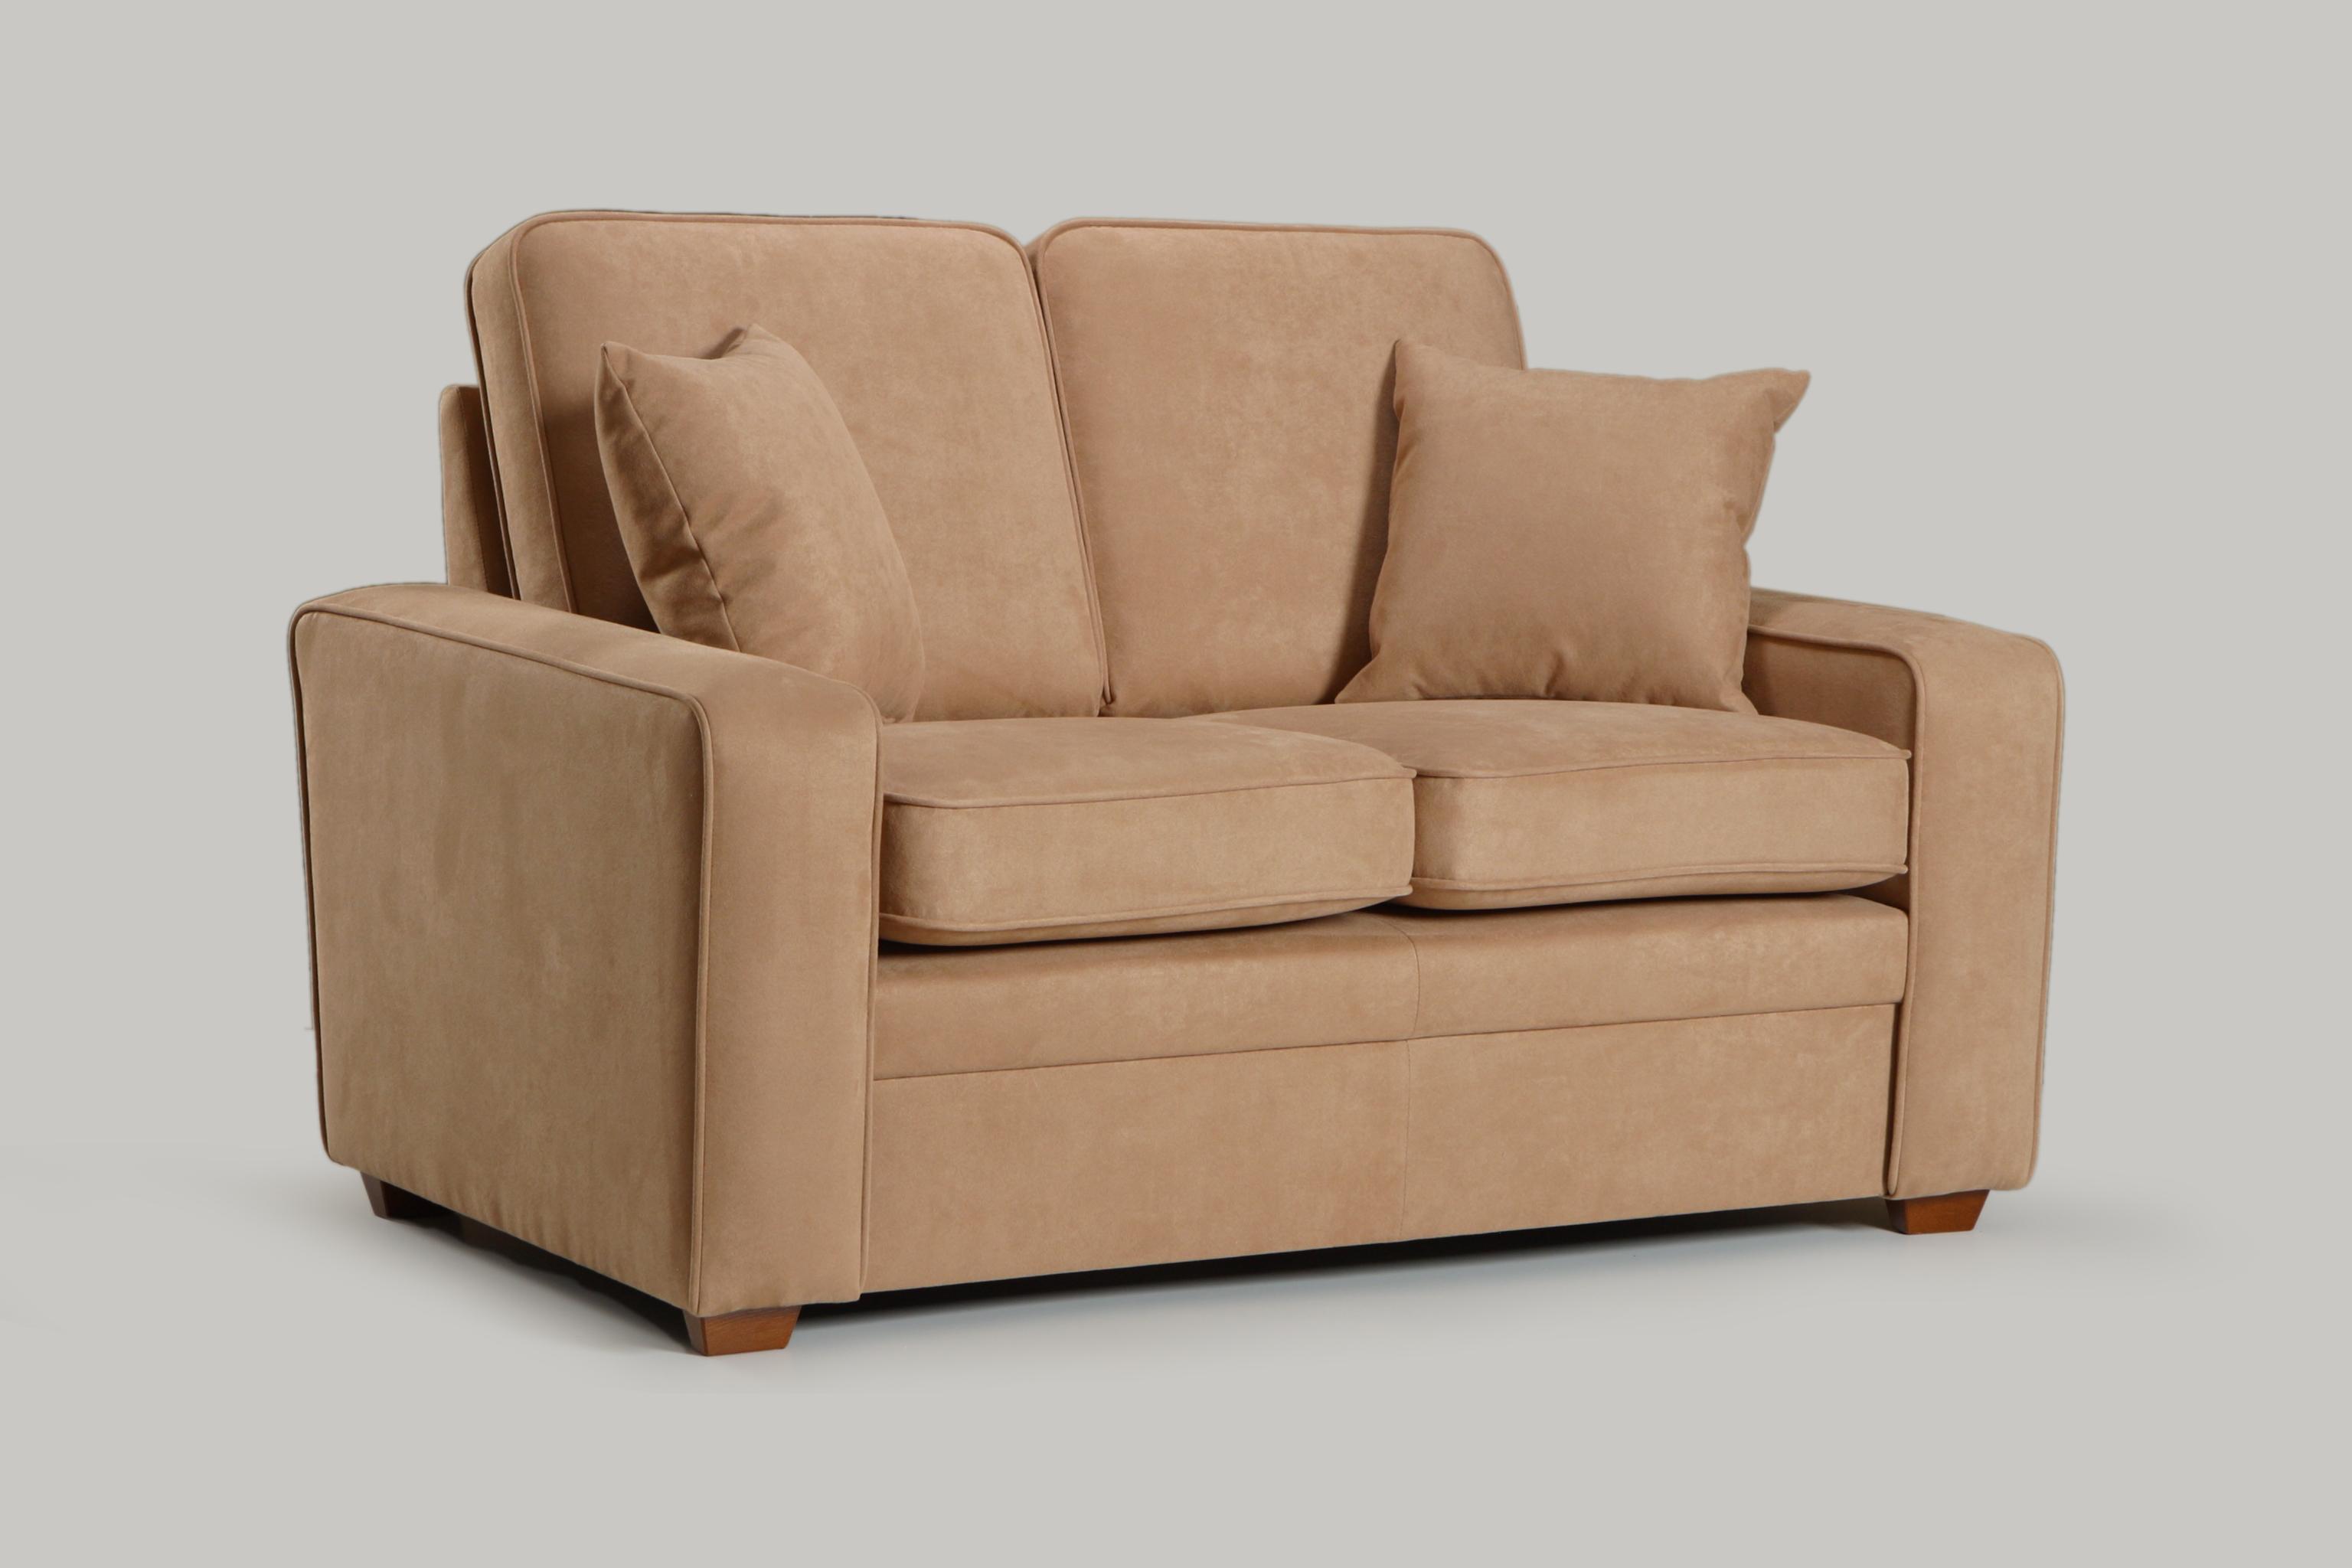 Canapea fixa 2 locuri tapitata cu stofa Mars